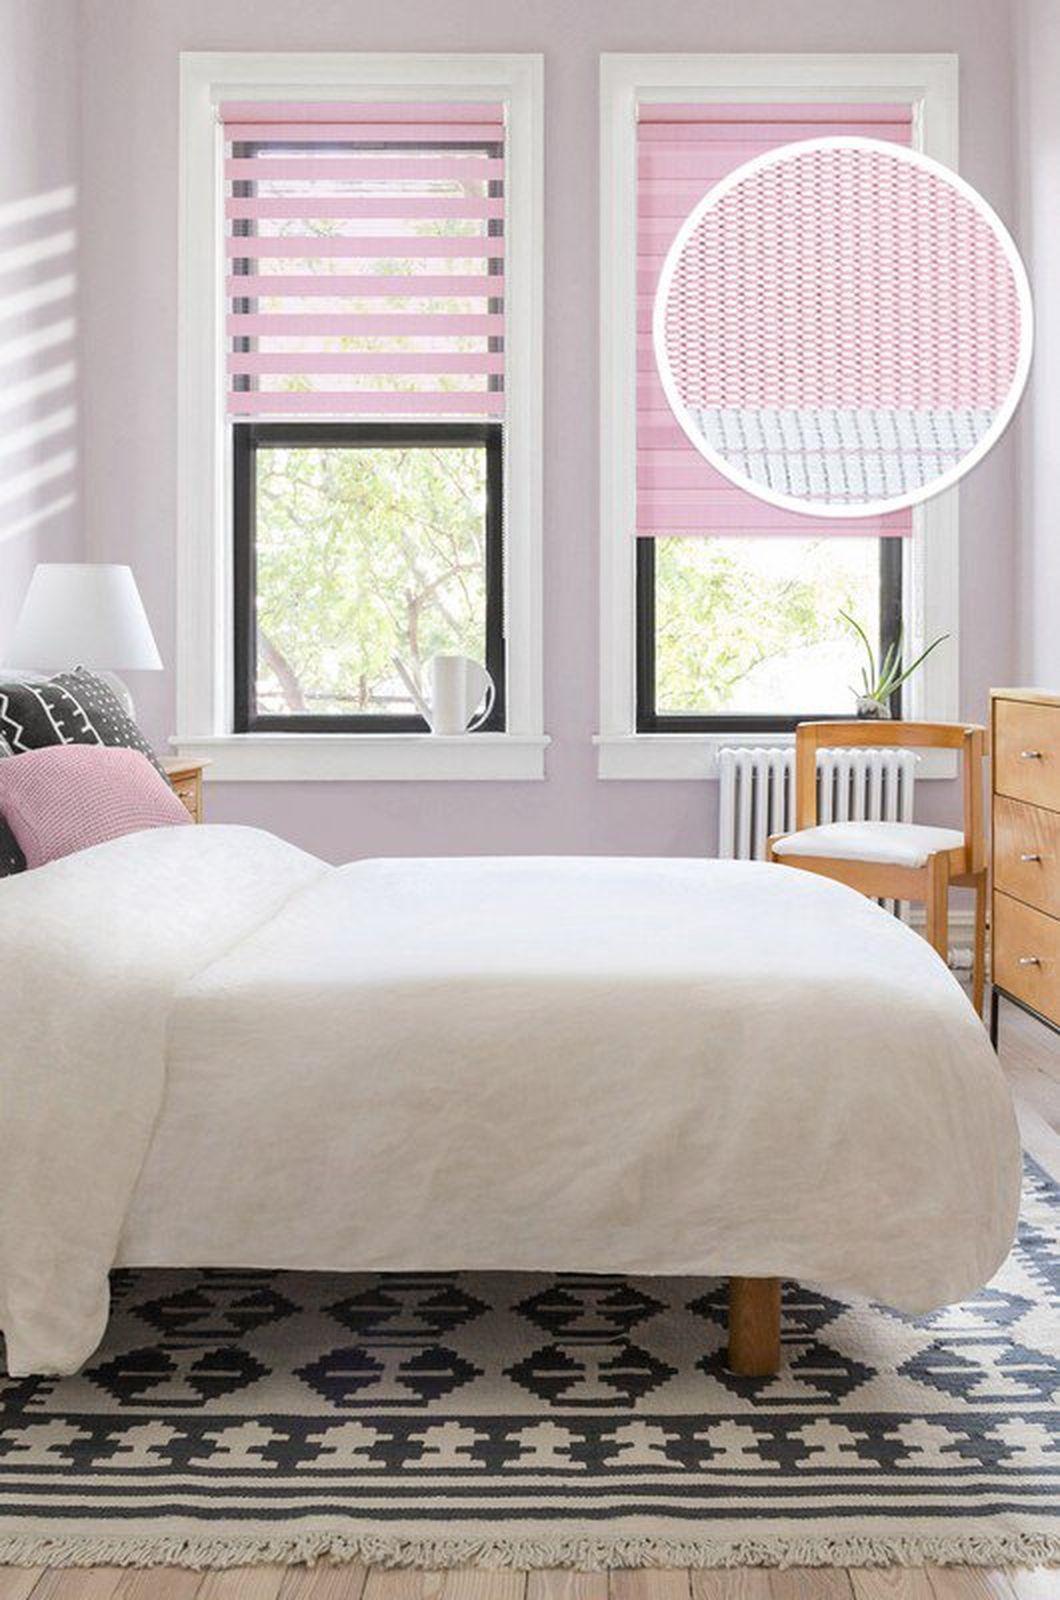 Миниролло Эскар День-Ночь, розовый, 48х170 см шторы рулонные ролло идея рулонная штора ролло lux satin терракот 60 см